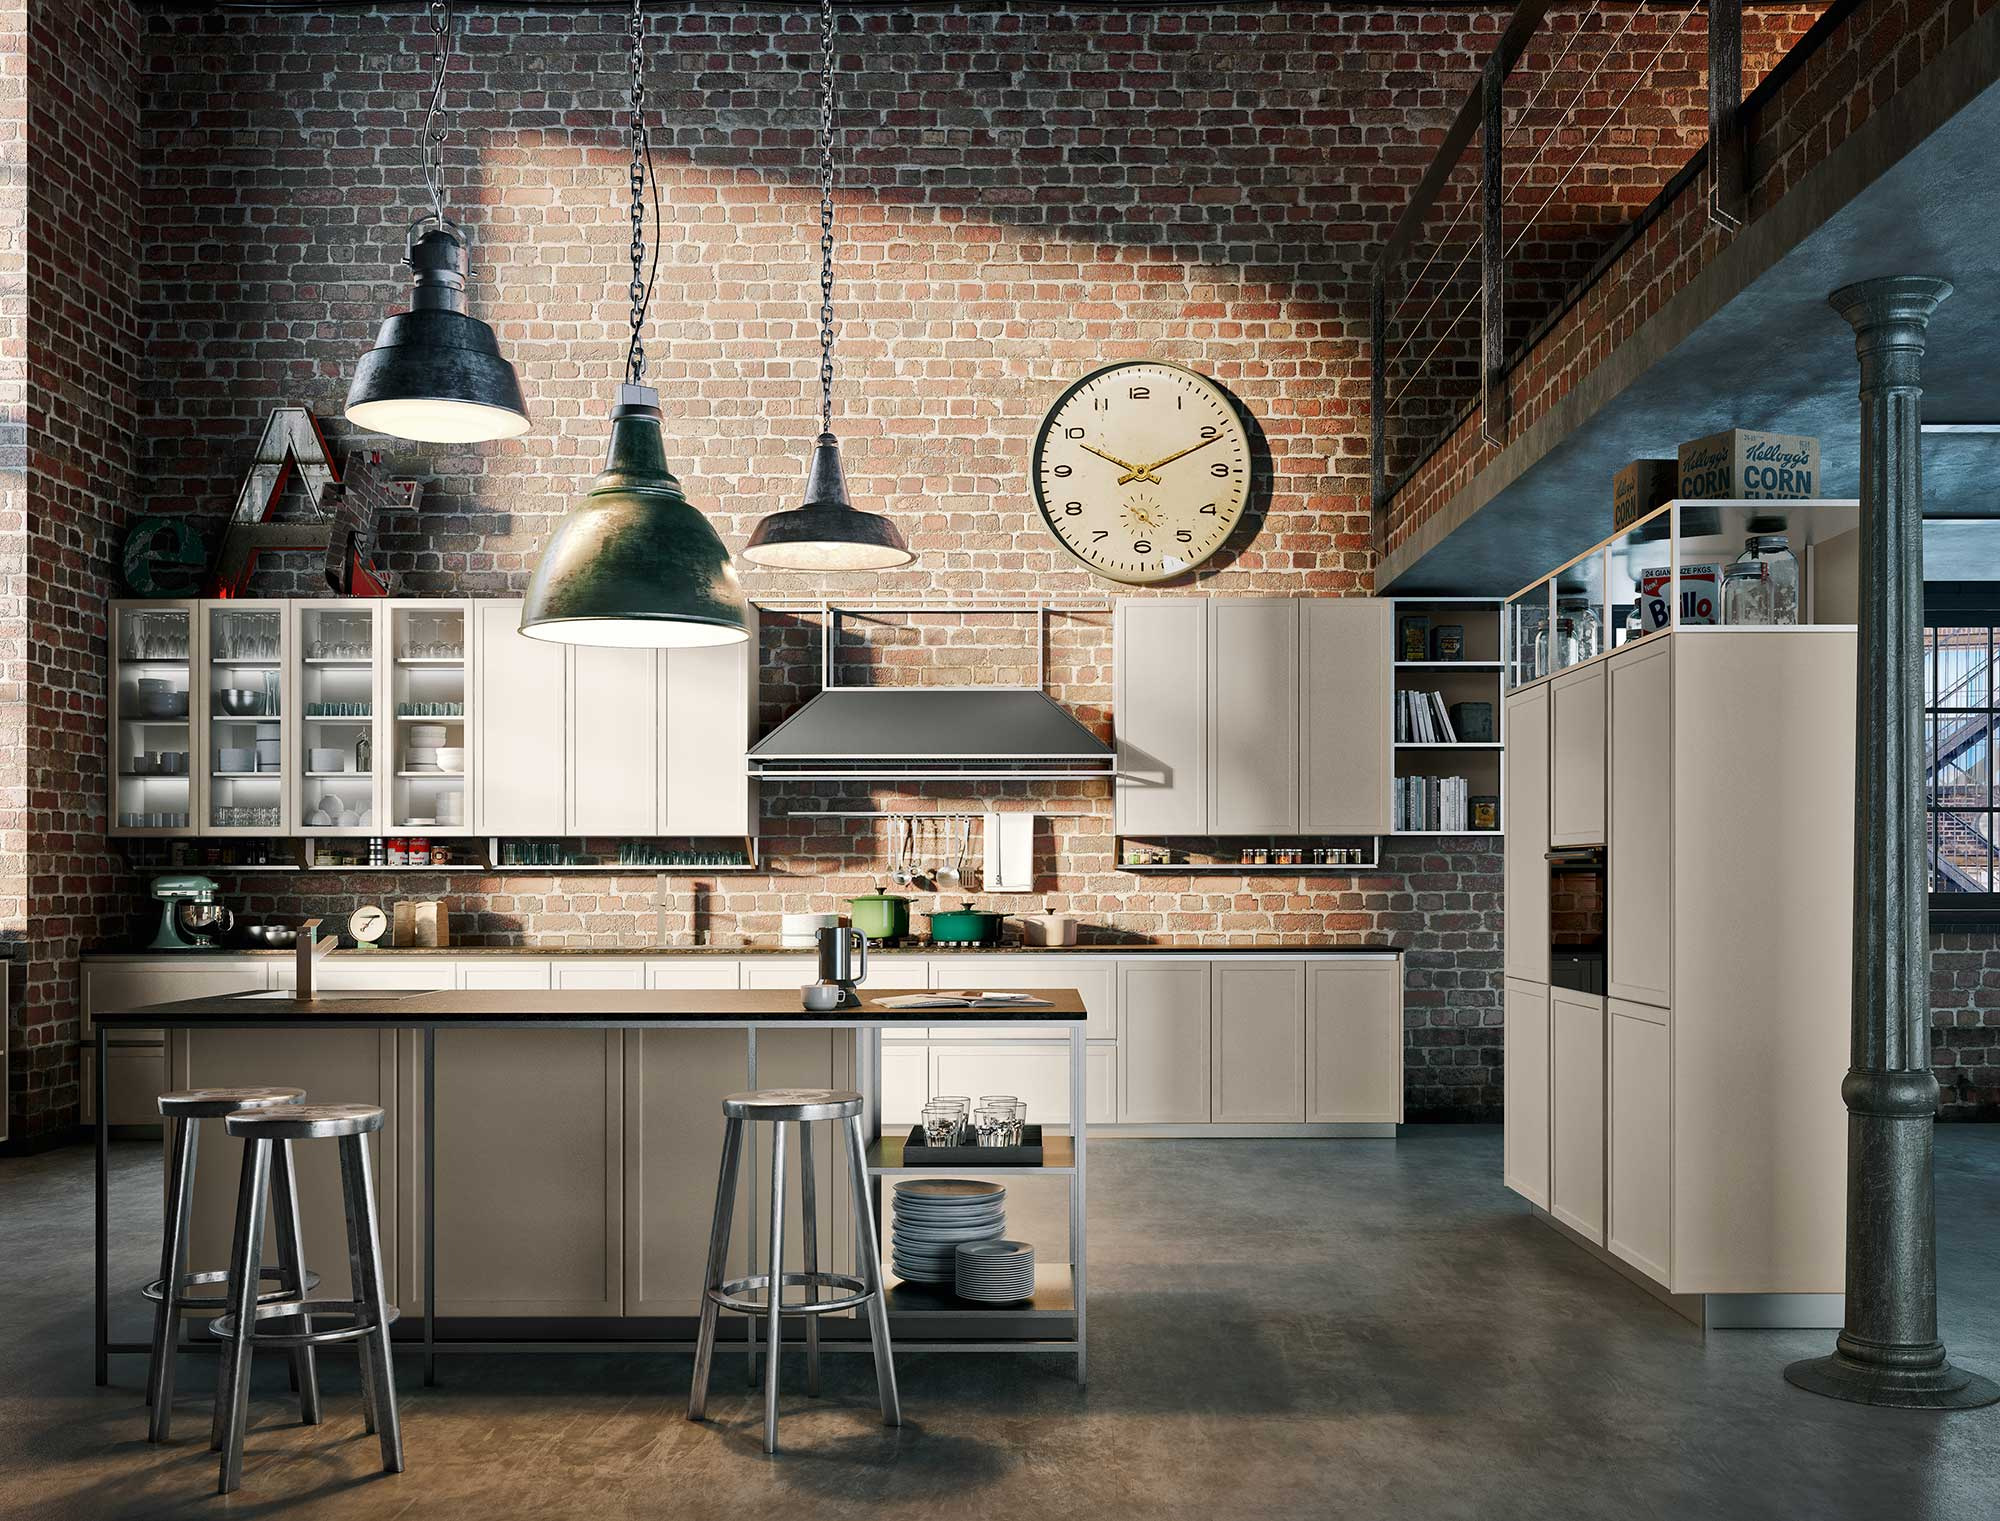 Cucina Florence Snaidero ~ Il Meglio Del Design D\'interni e Delle ...